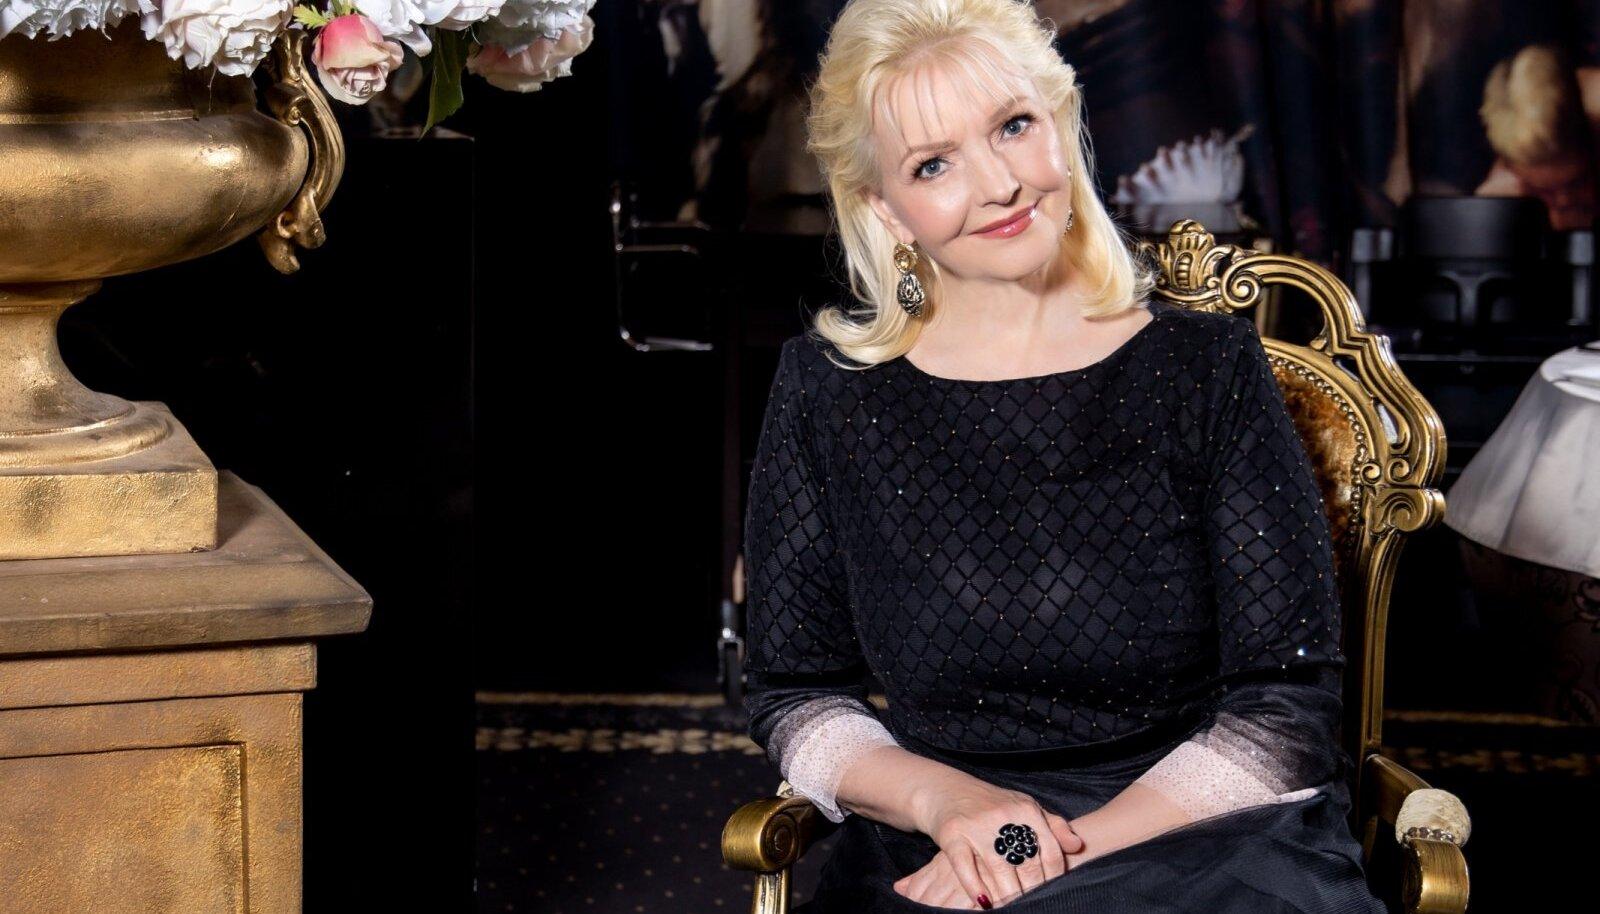 OSTAB KAKS PAARI Marju Länik hindab kõrgmoodi ja armastab muu seas moekunstnik Maria Tammeoru loomingut. Tihti ostab Marju rõivaid ja ka jalanõusid kaks paari, sest need meeldivad talle väga.